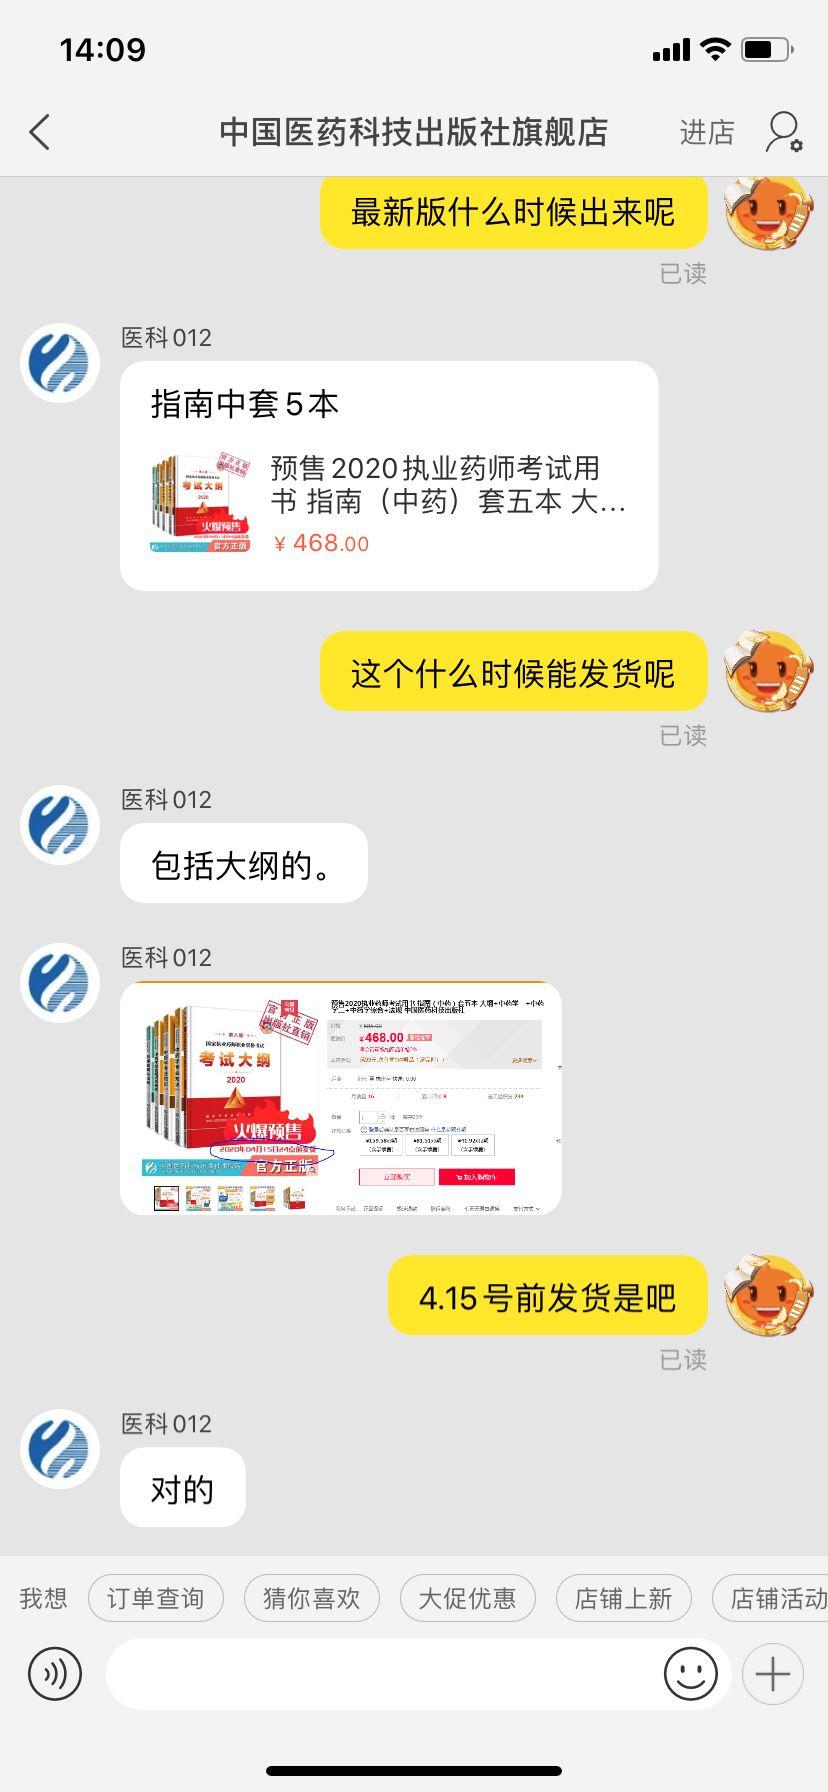 中國醫藥科技出版社的旗艦店